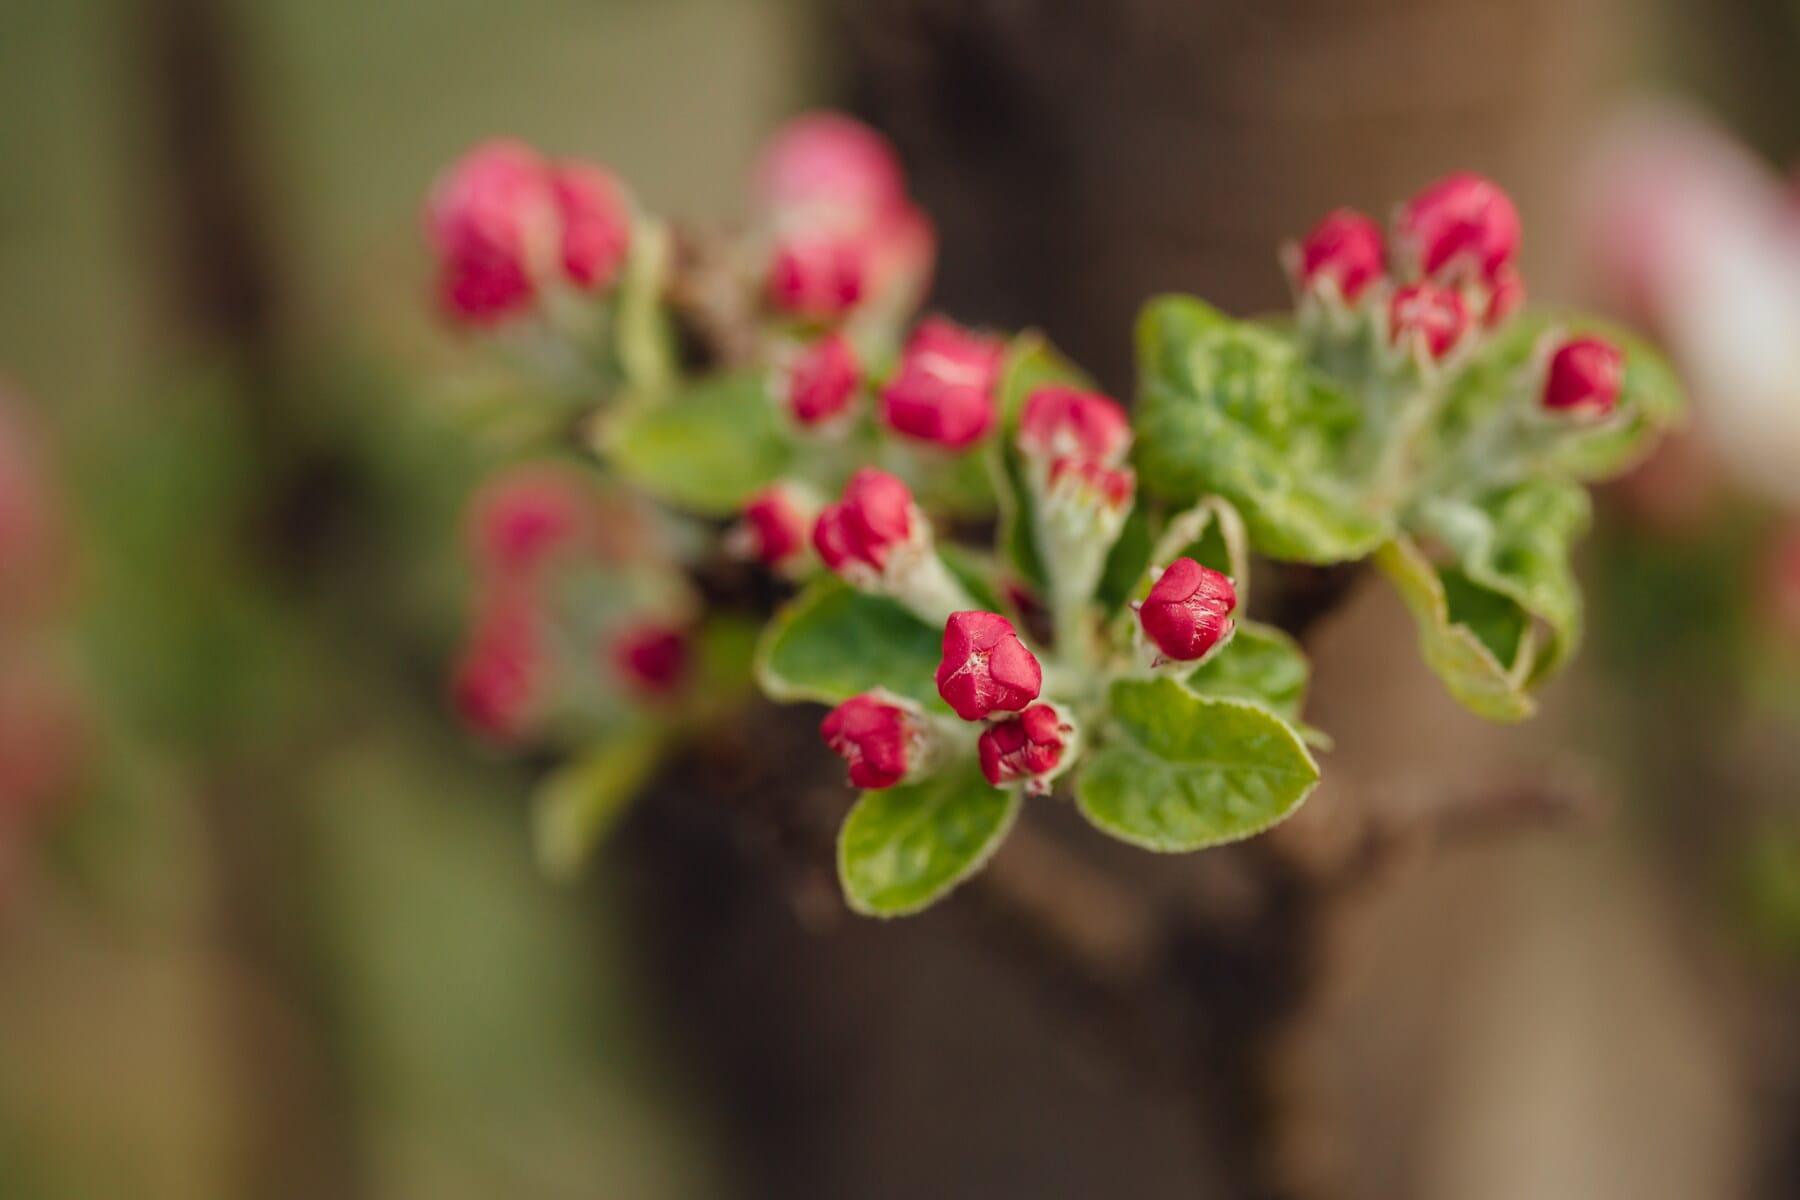 arbre fruitier, fermer, pommier, printemps, floraison, pétale, bouton floral, nature, plante, fleur